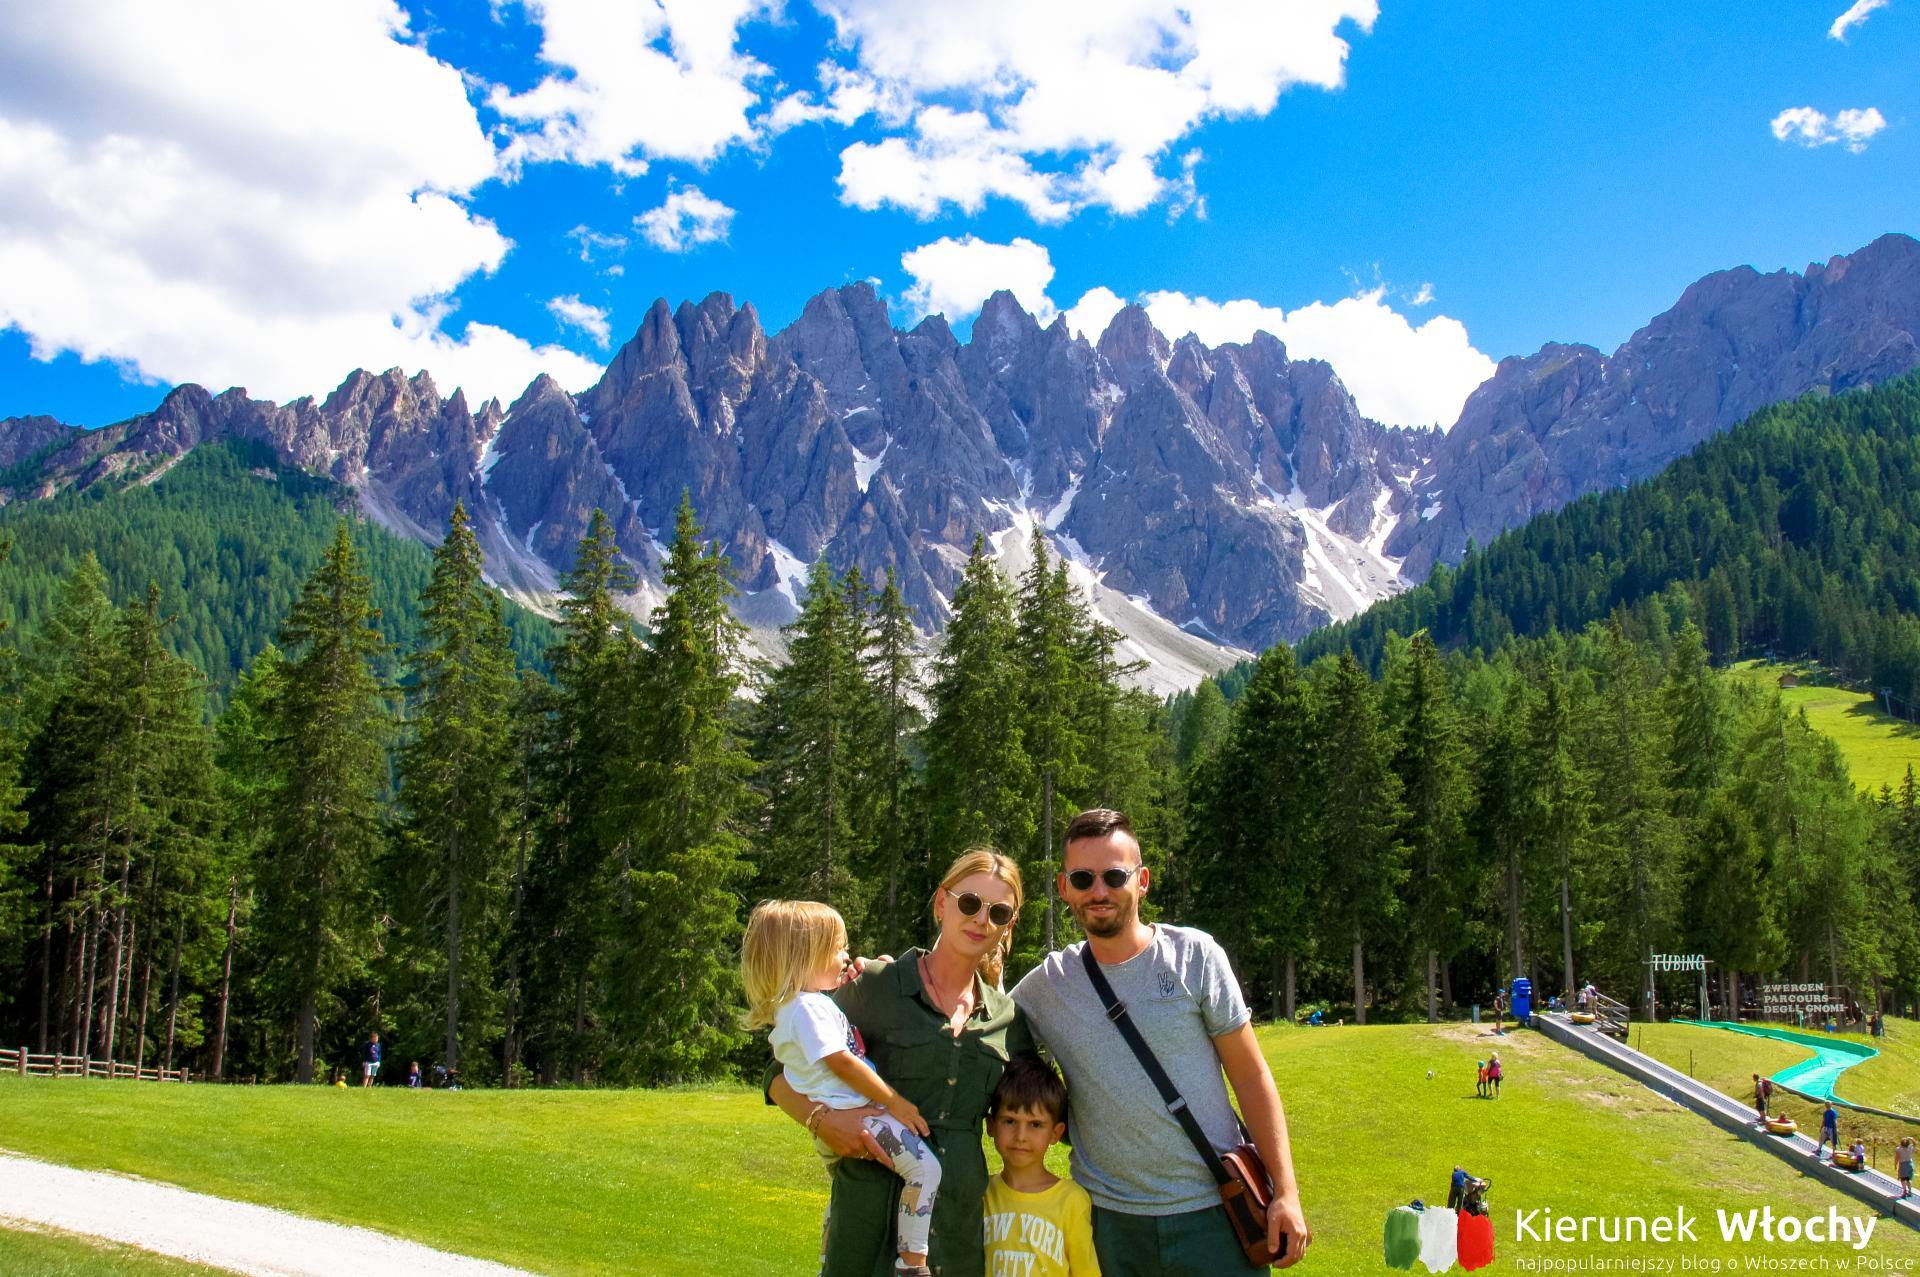 Wakacje w Dolomitach - aktywny wypoczynek w Południowym Tyrolu. Gotowy przepis na rodzinny urlop